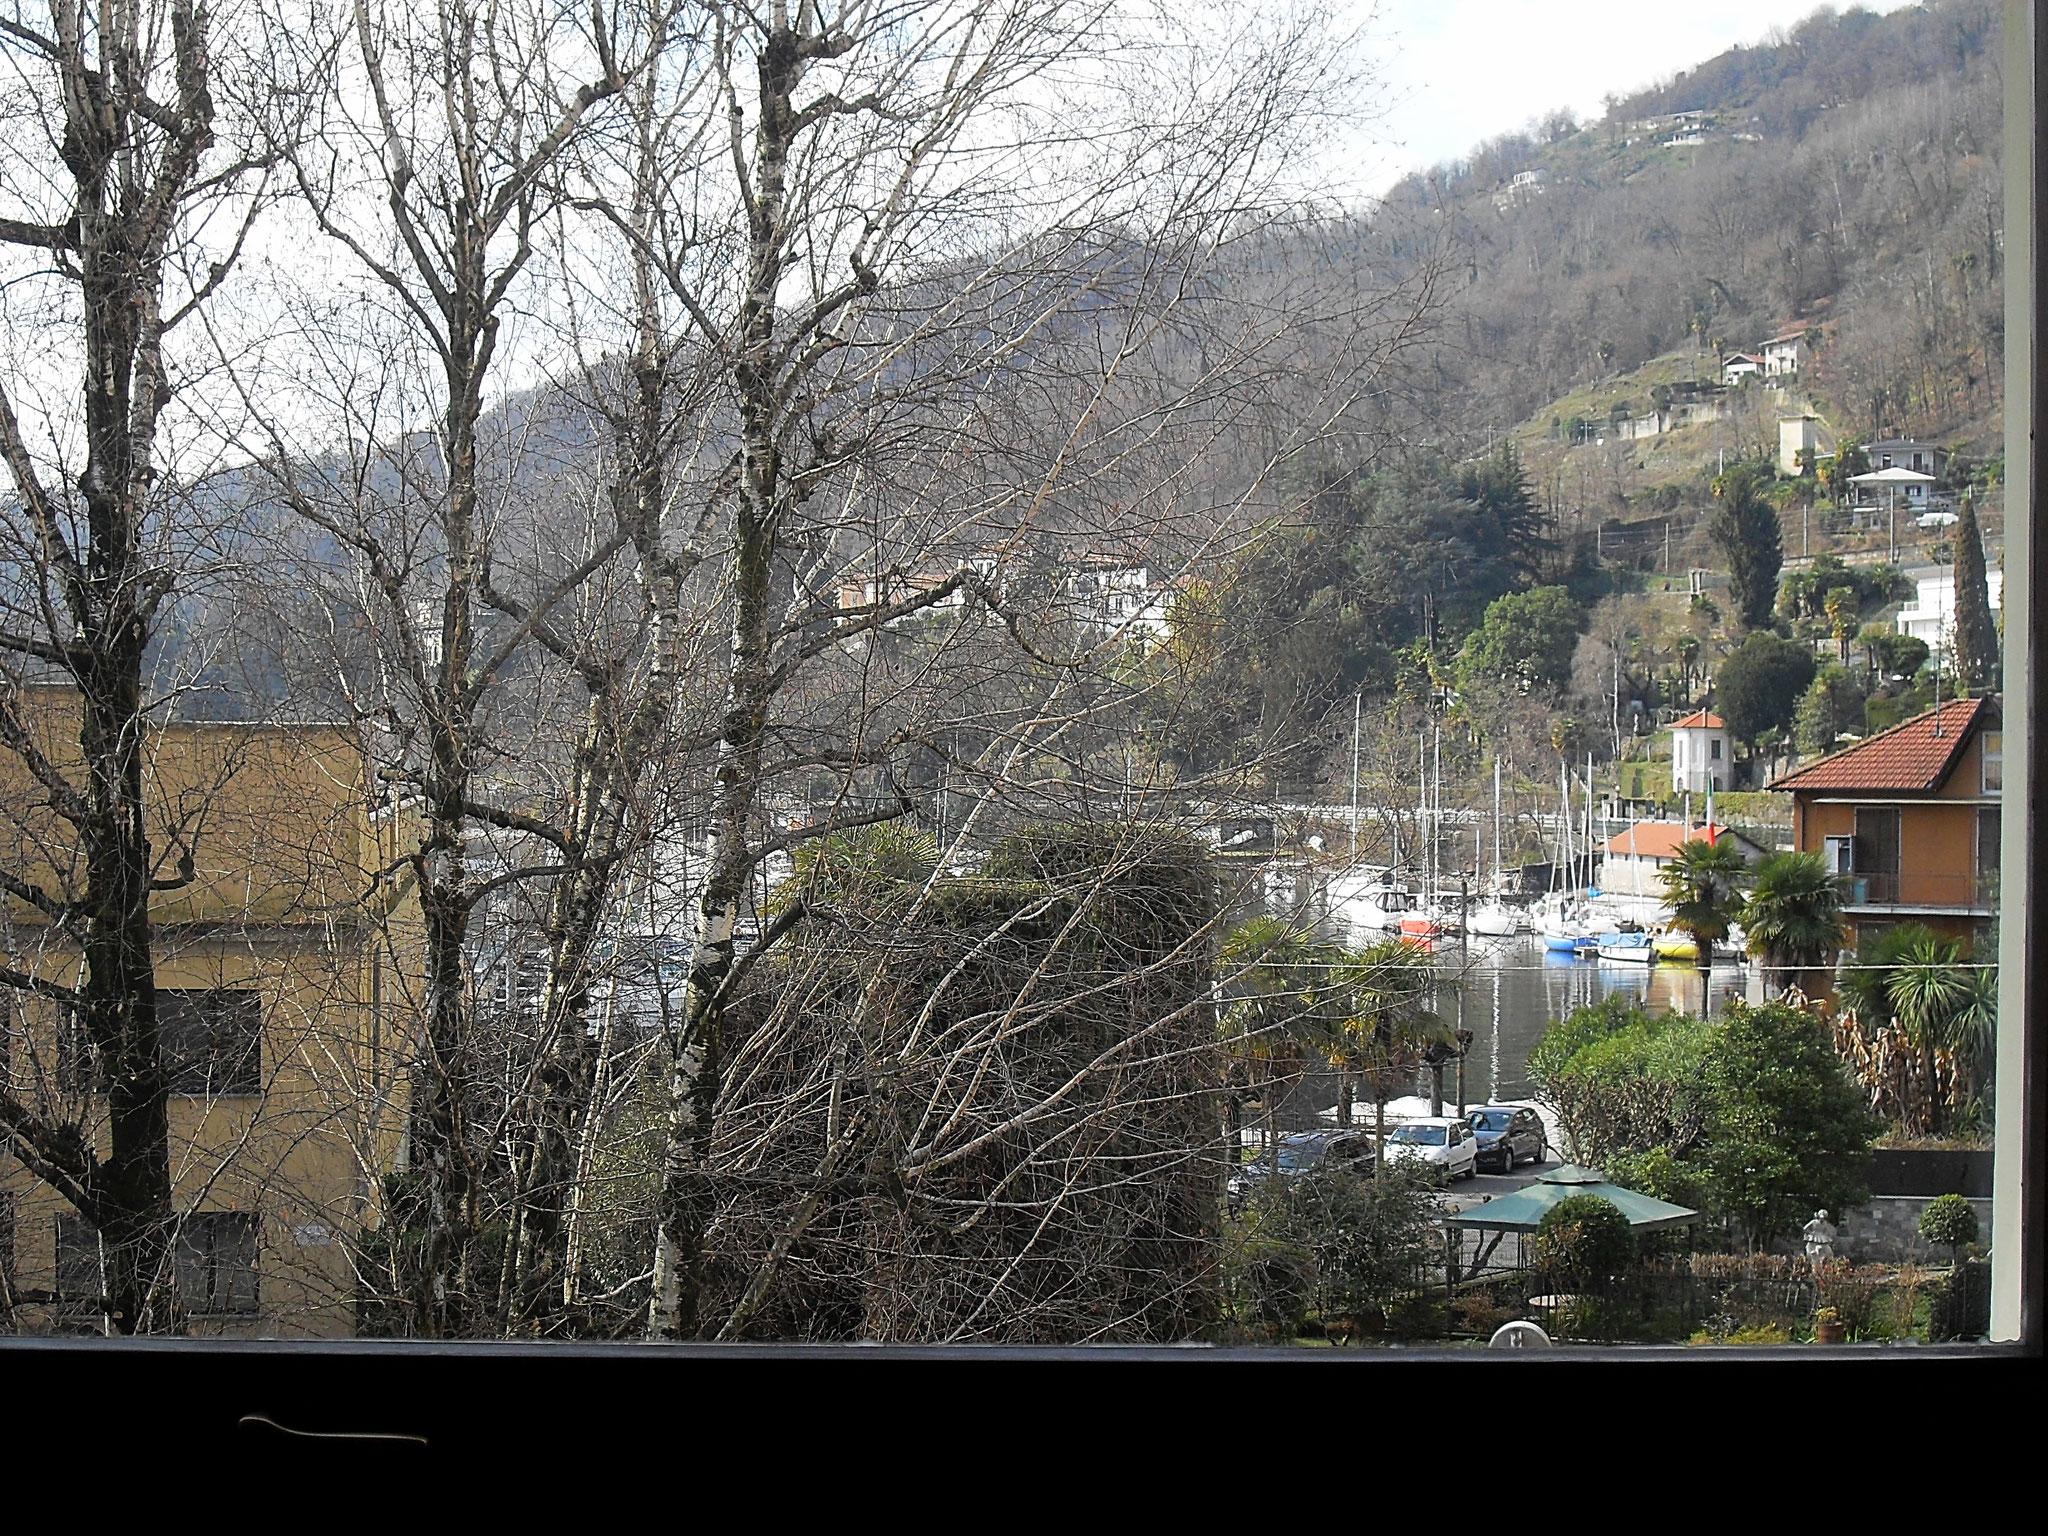 Finestrone del soggiorno: vista sul Porto Turistico - Inverno